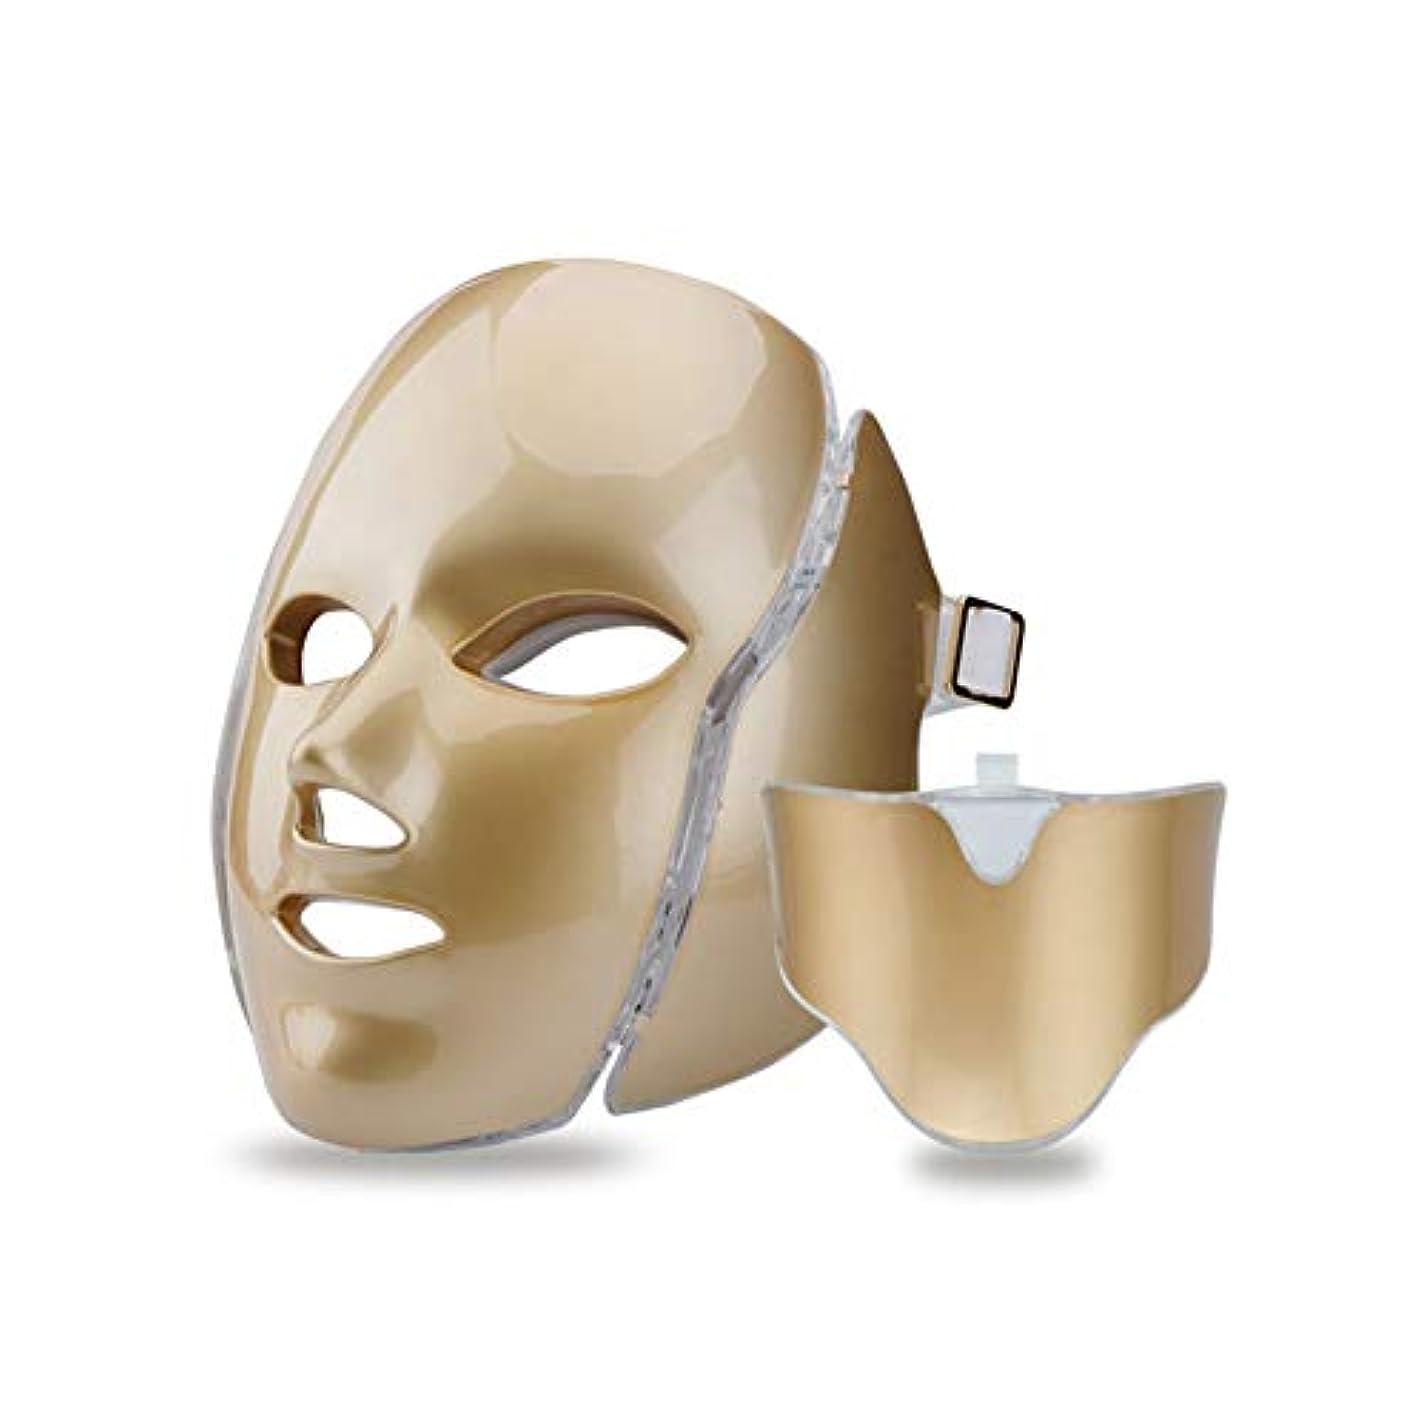 後悔犯人世界記録のギネスブック赤色光光子治療機7色ledマスク+首、肌の若返りニキビフェイシャルスパ美容機器,Gold